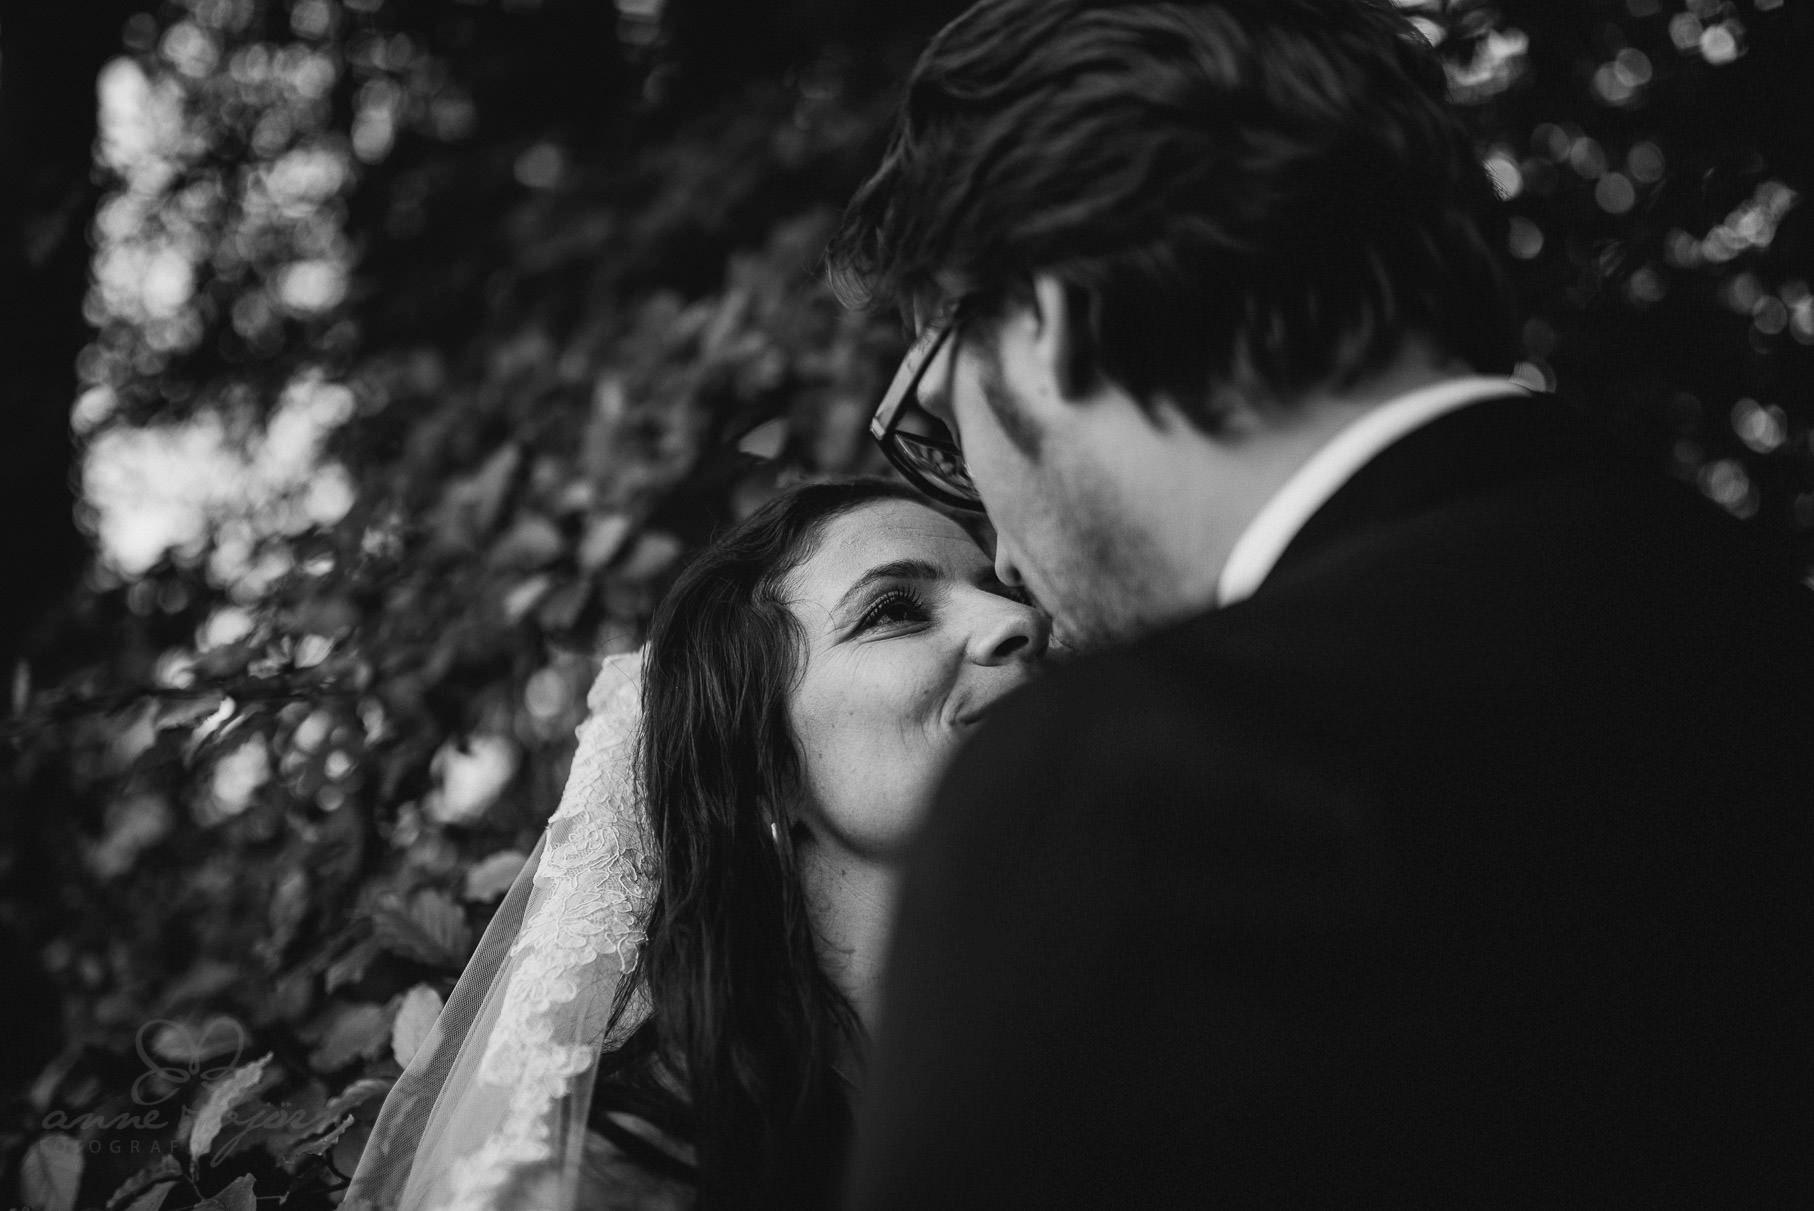 0113 aub 811 5870 - Hochzeit auf Gut Thansen - Anja & Björn